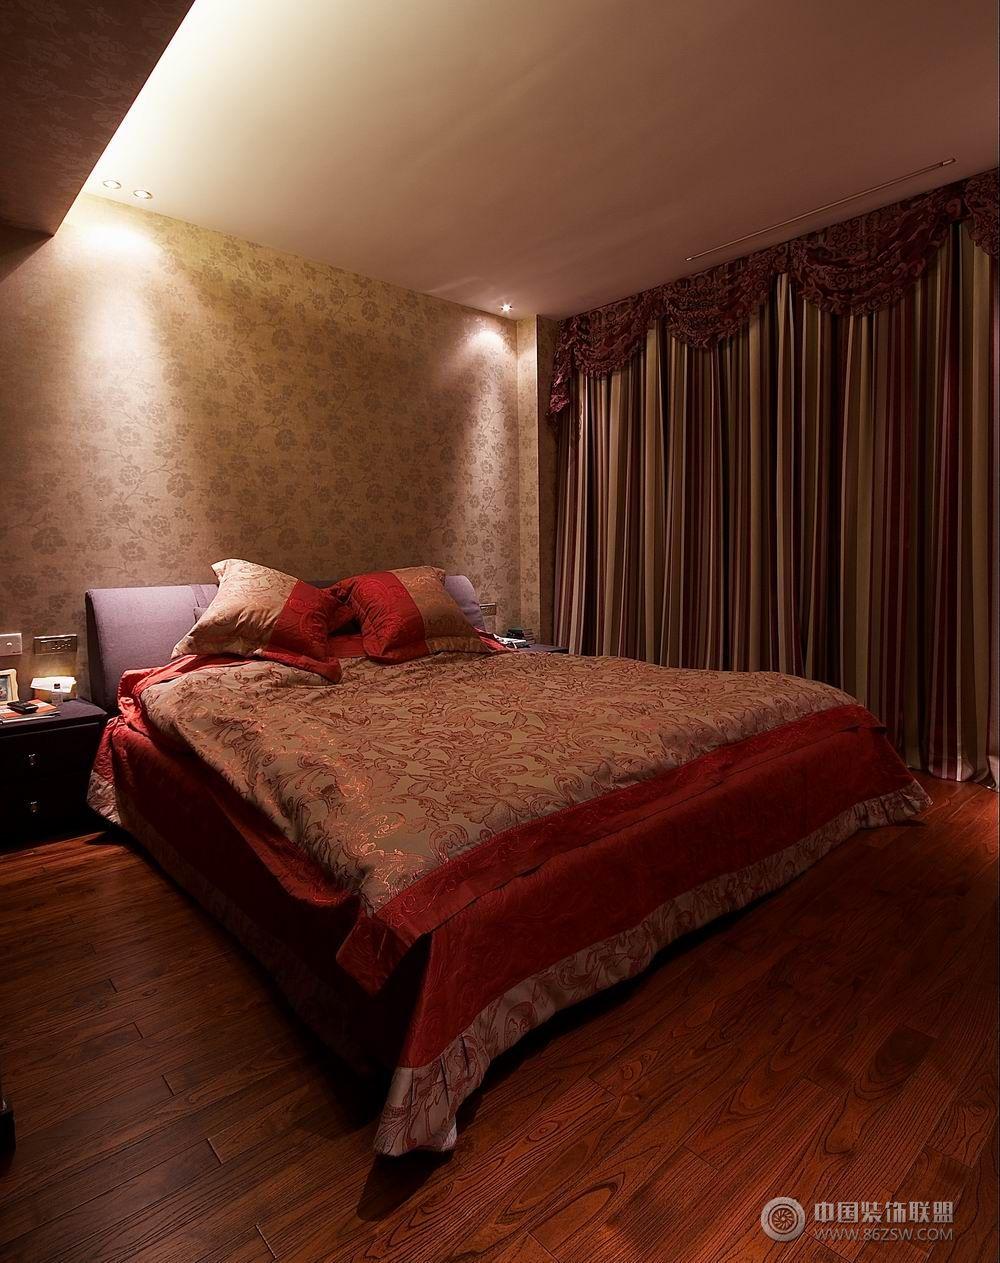 120平米现代温馨婚房卧室装修图片